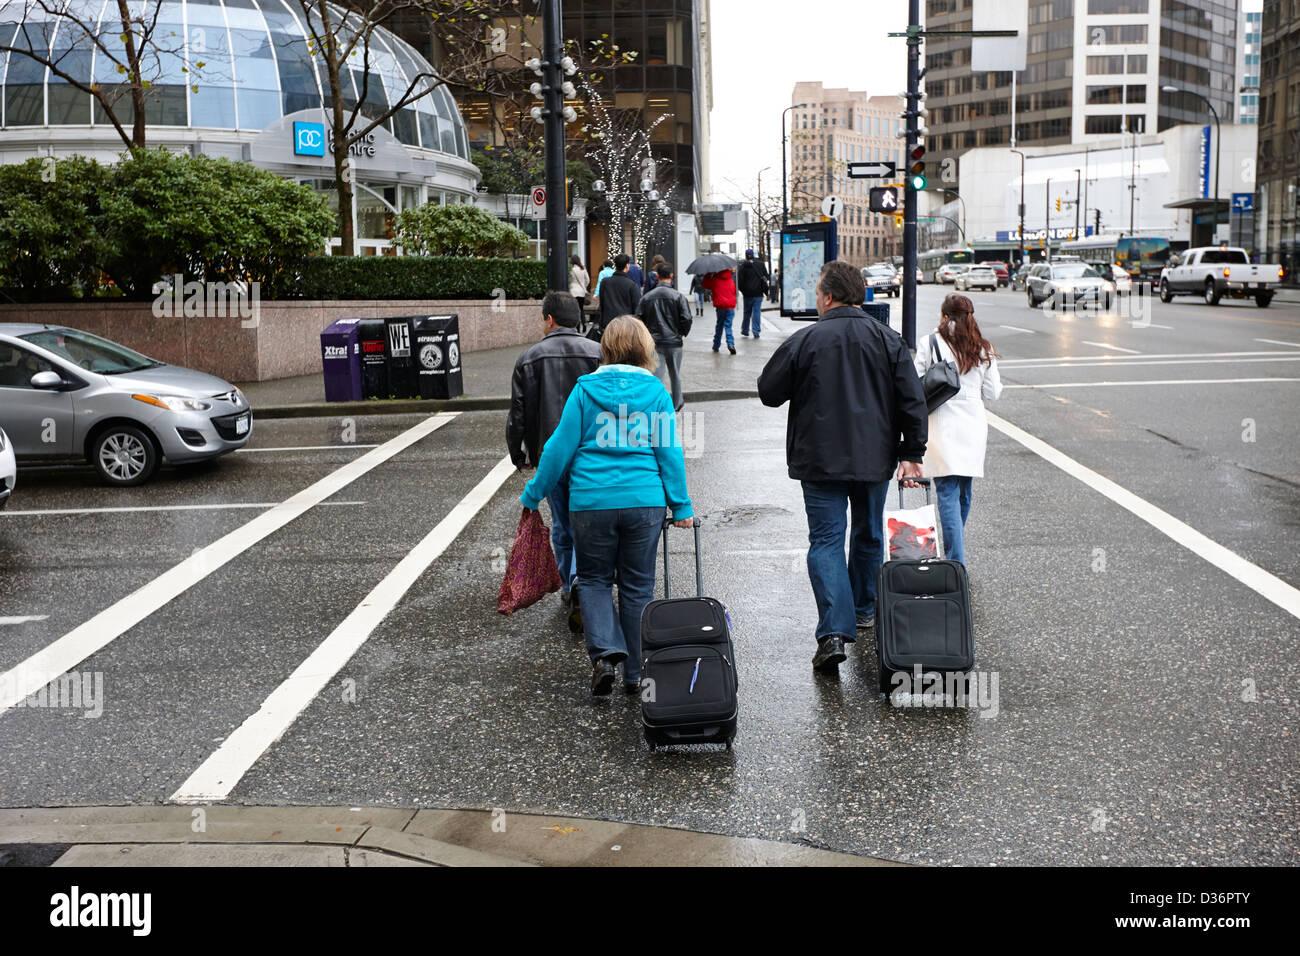 tourists walking across crosswalk on wet rainy day pulling wheeled luggage Vancouver BC Canada - Stock Image